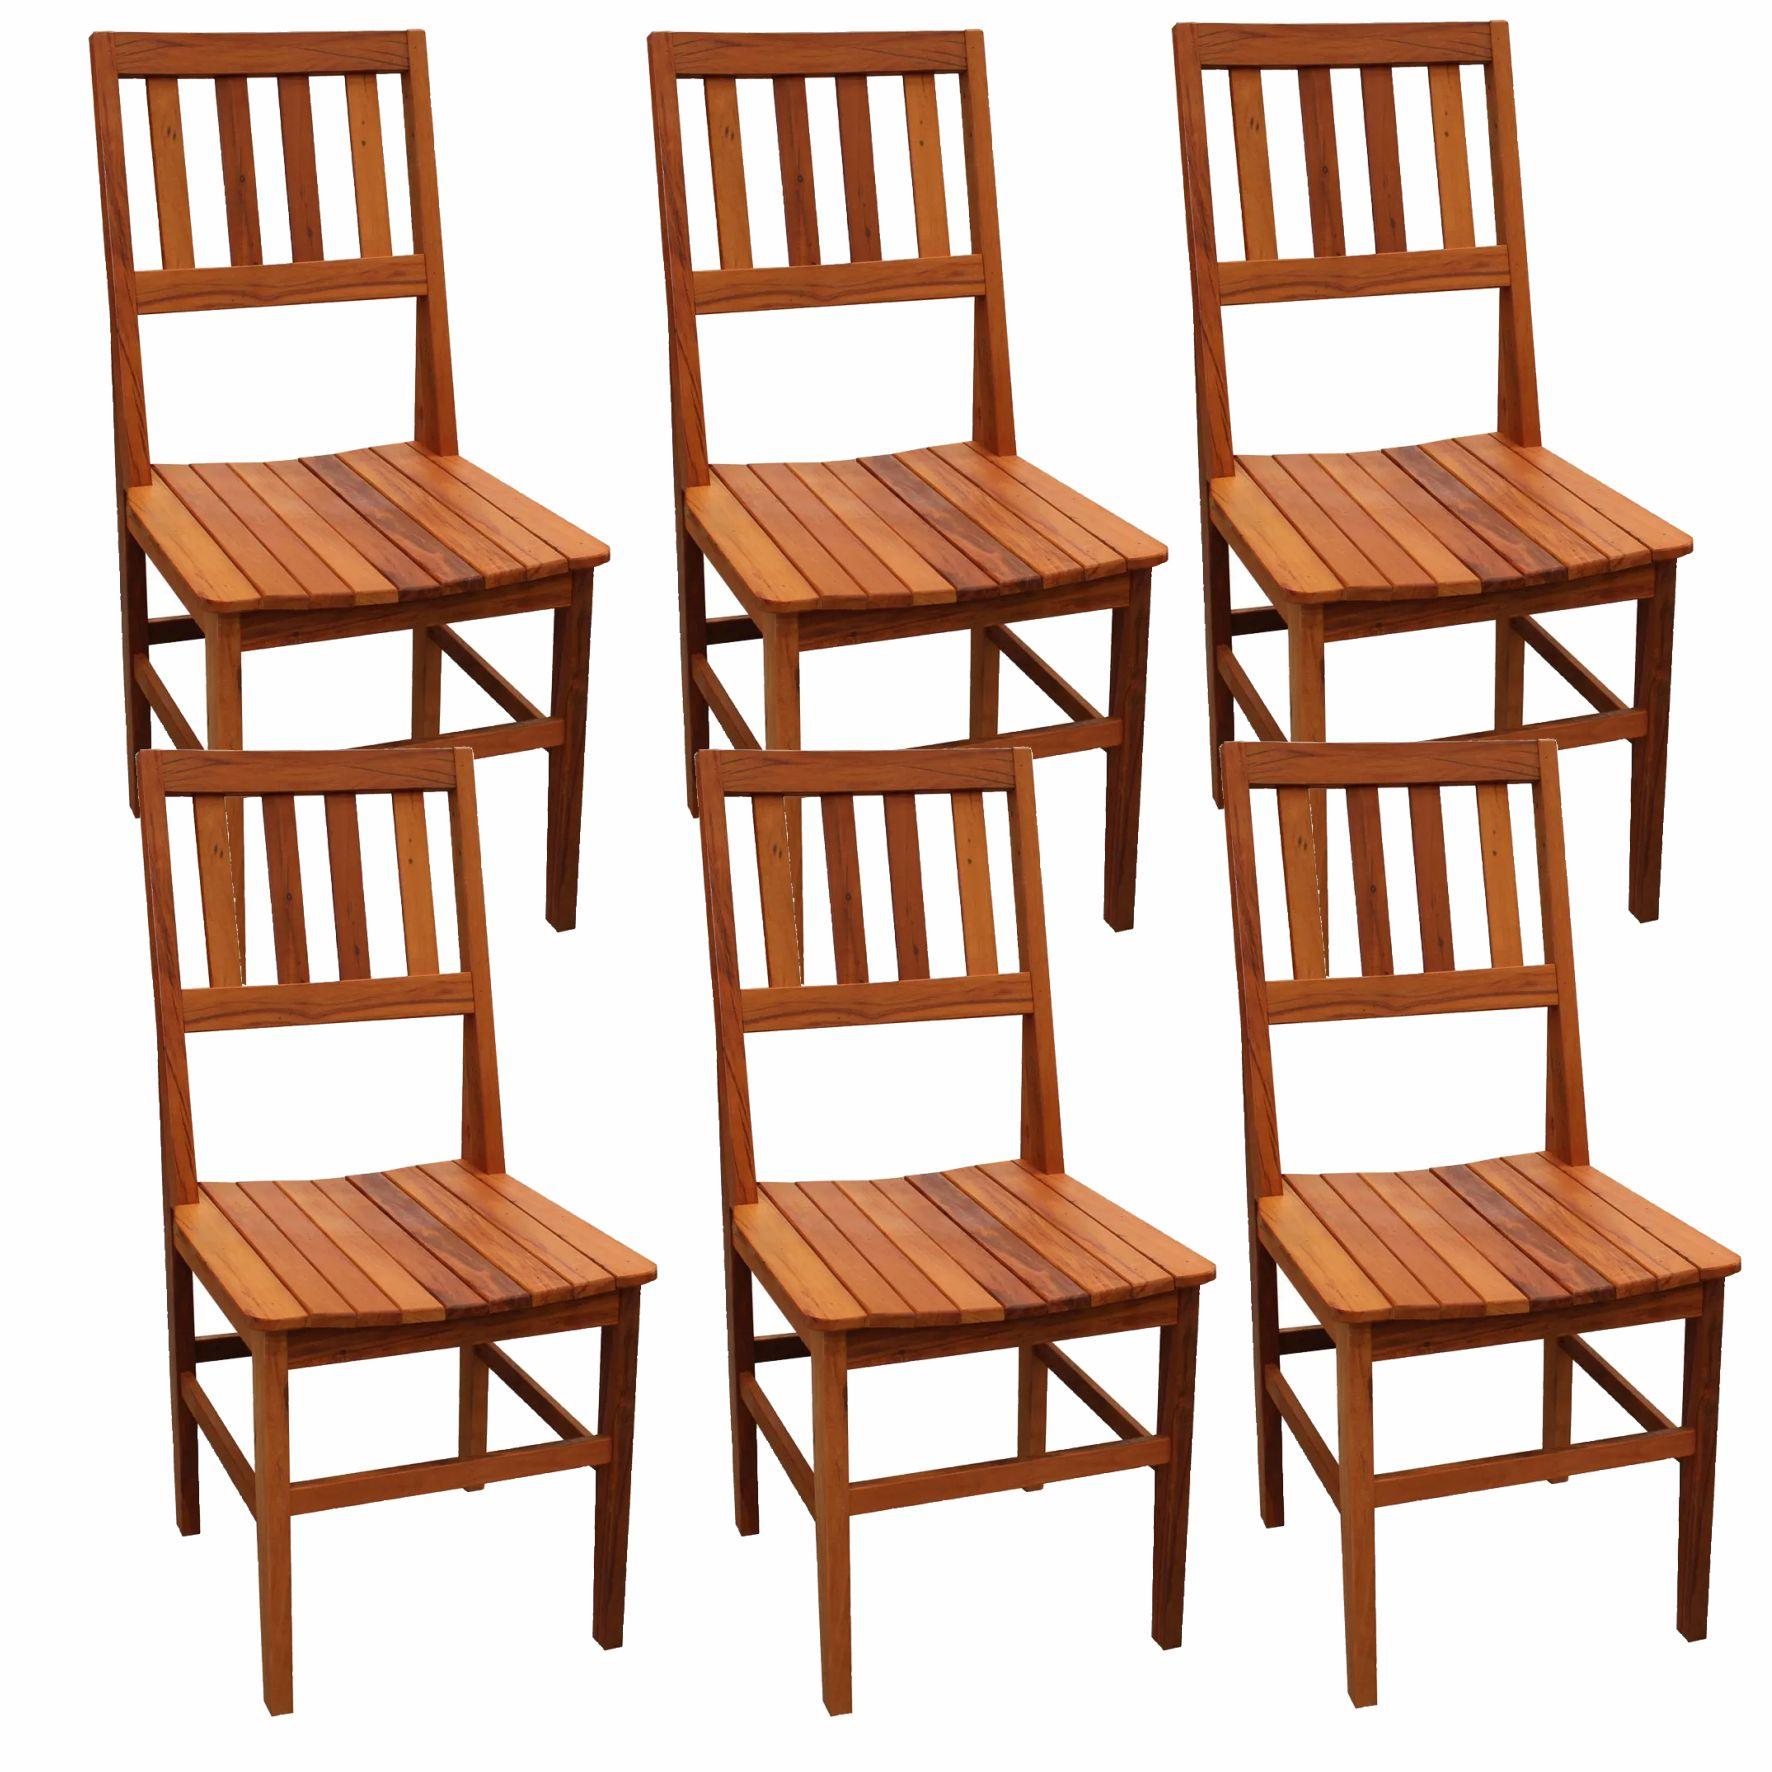 Kit 6 Cadeiras de Madeira Rústica de Demolição Cambury Grande